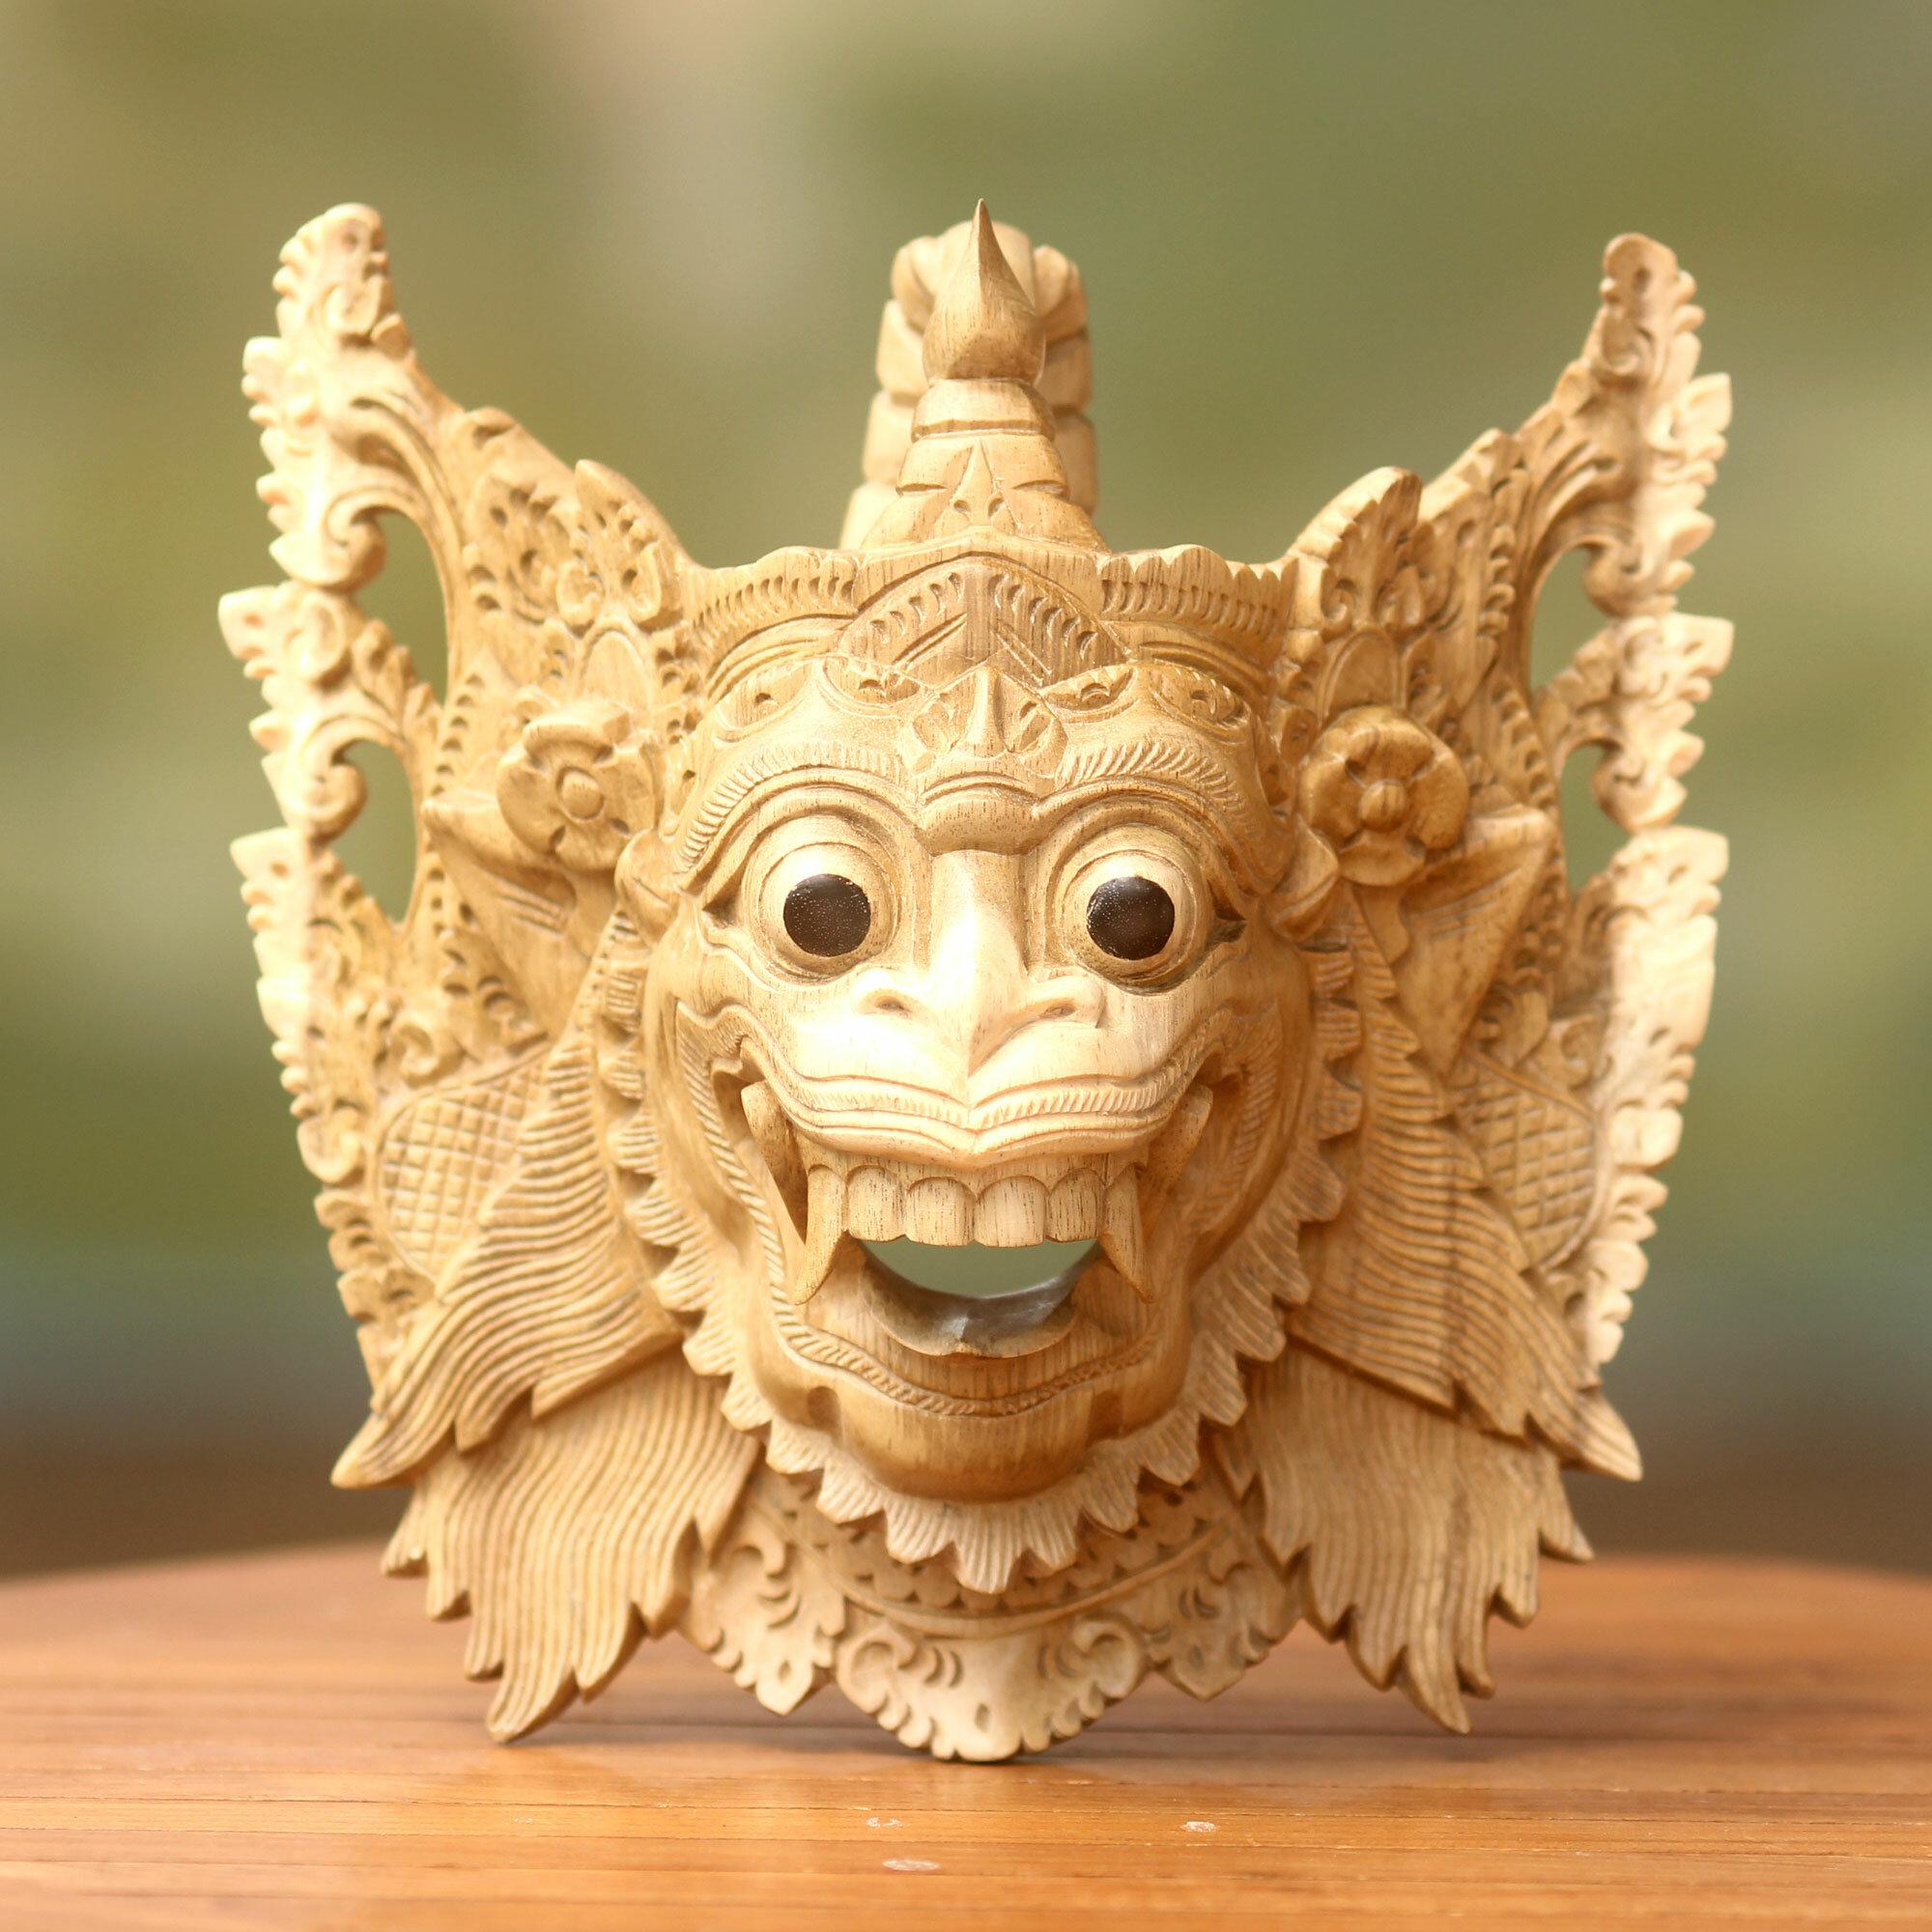 Novica Made Mulyani Ramayana Theme Hindu Mask Wall Decor | Wayfair